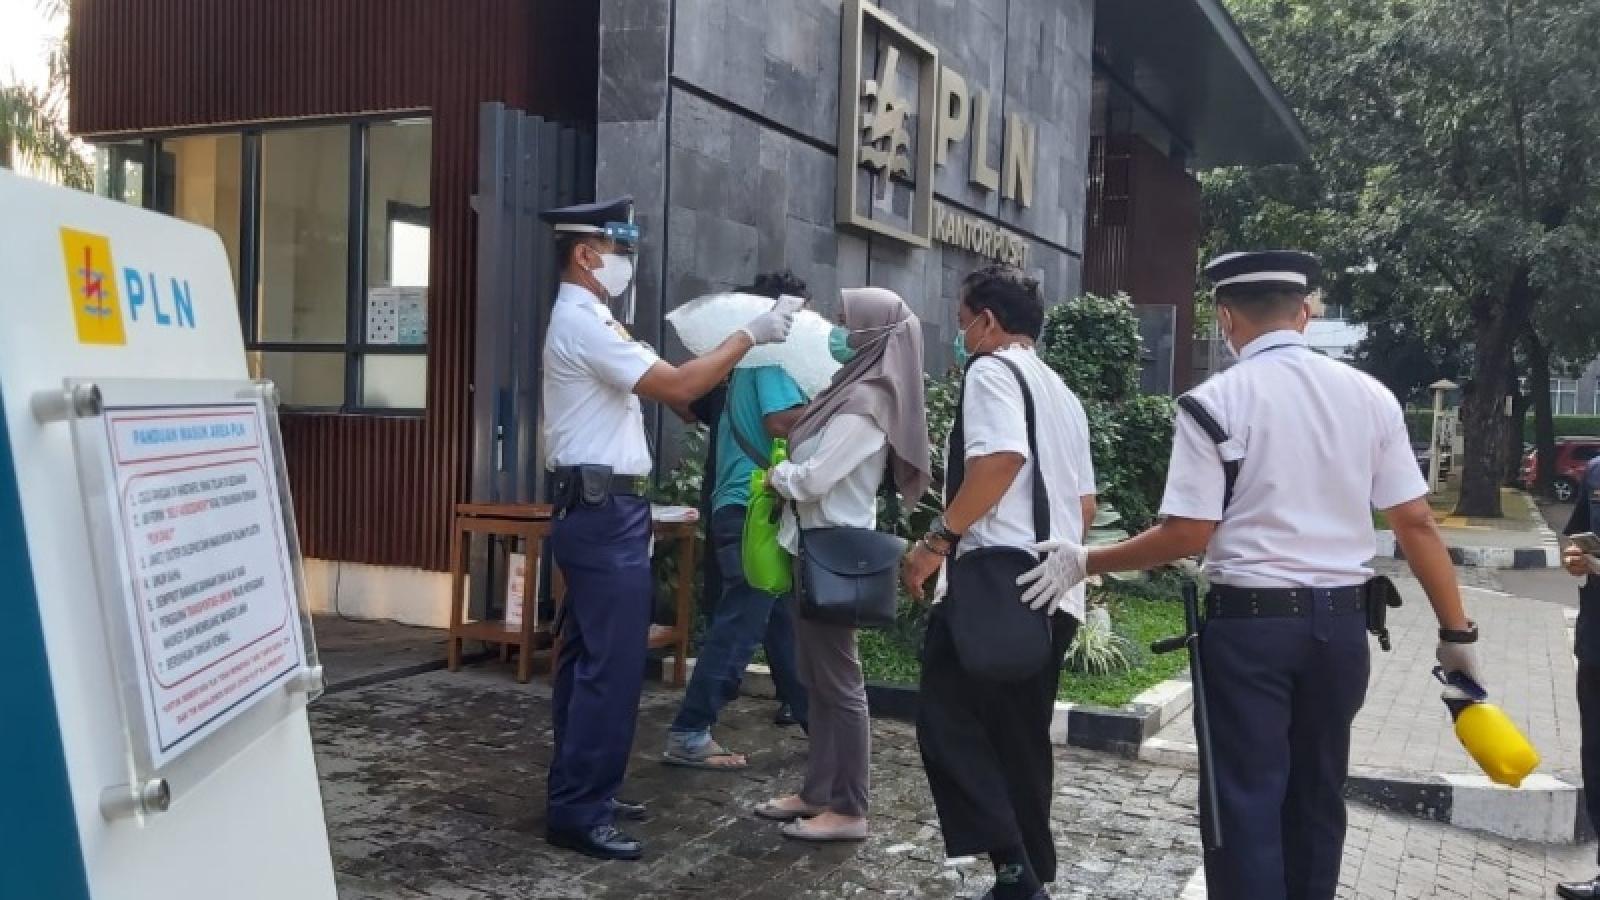 Lỗ hổng gây lây lan Covid-19 ở các Bộ và cơ quan chính phủ Indonesia